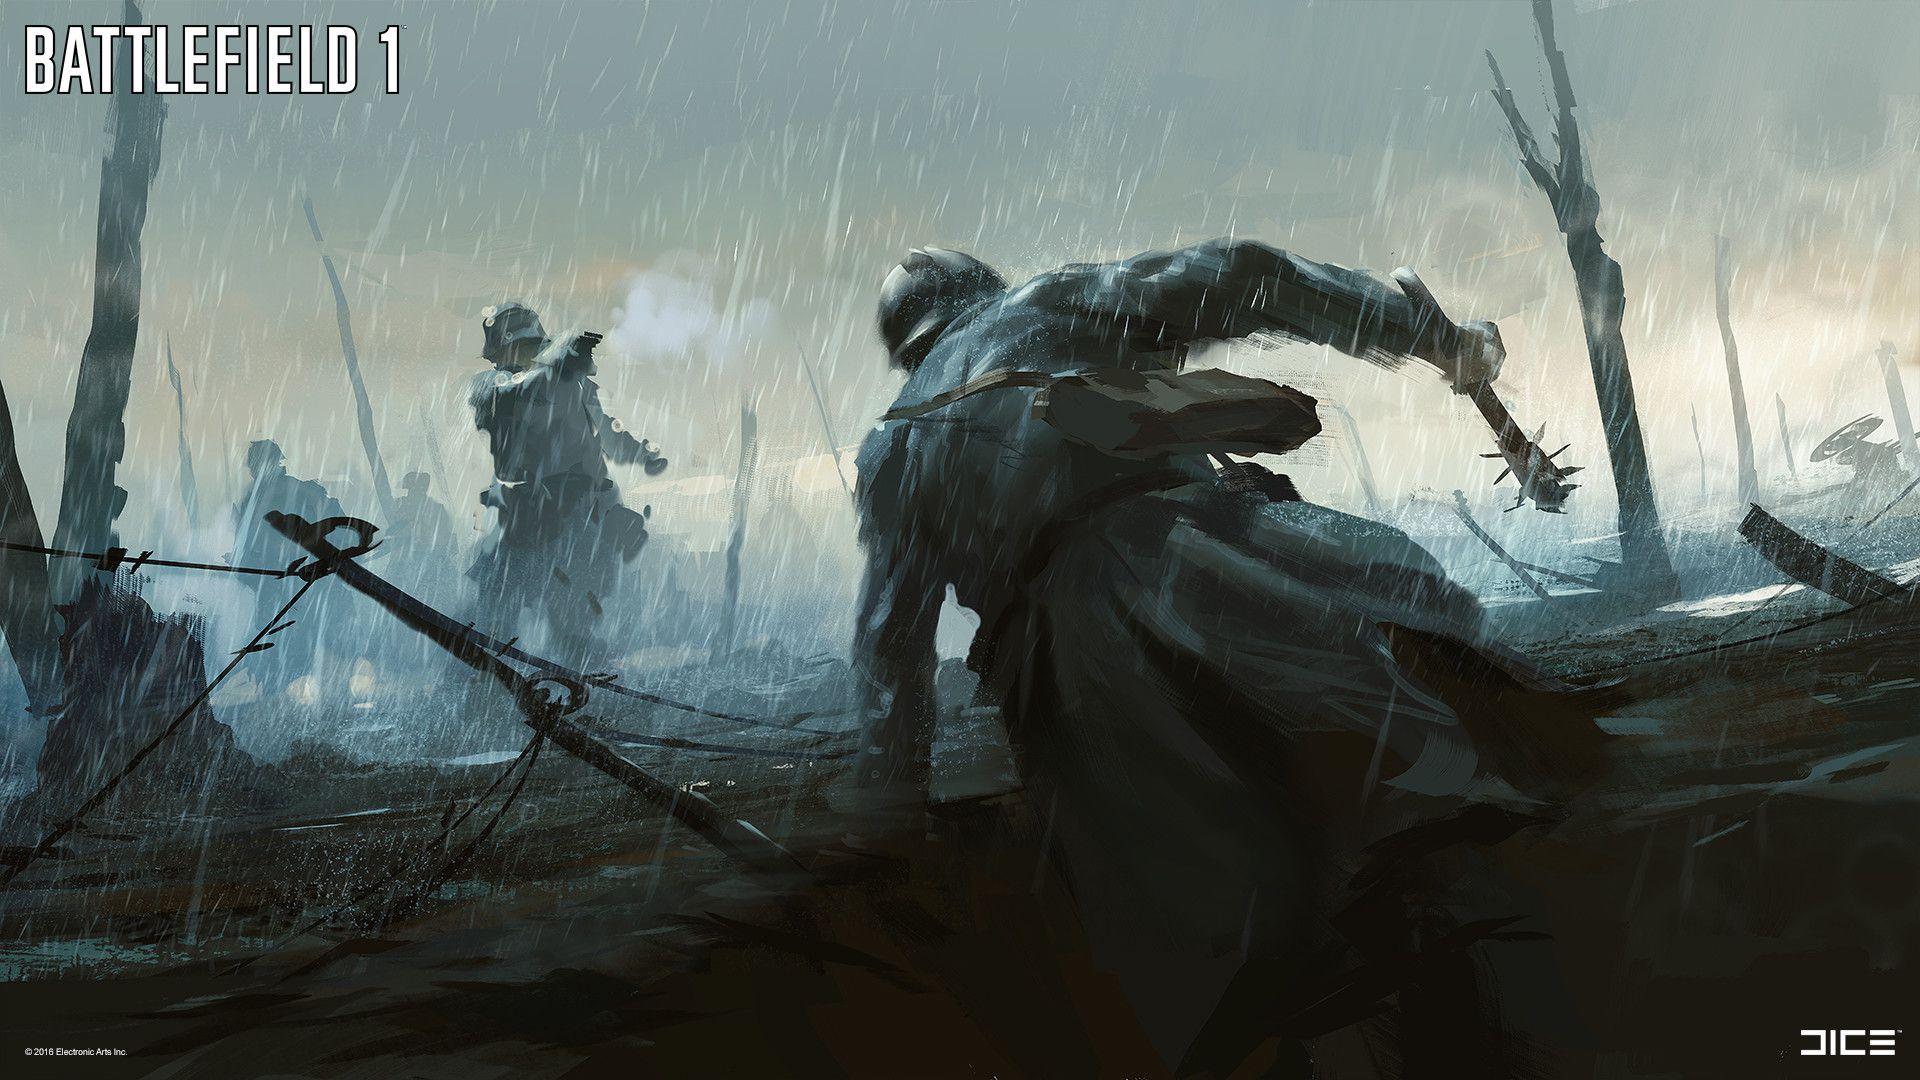 Battlefield 1 Concept Art Robert Sammelin 03 Jpg 1920 1080